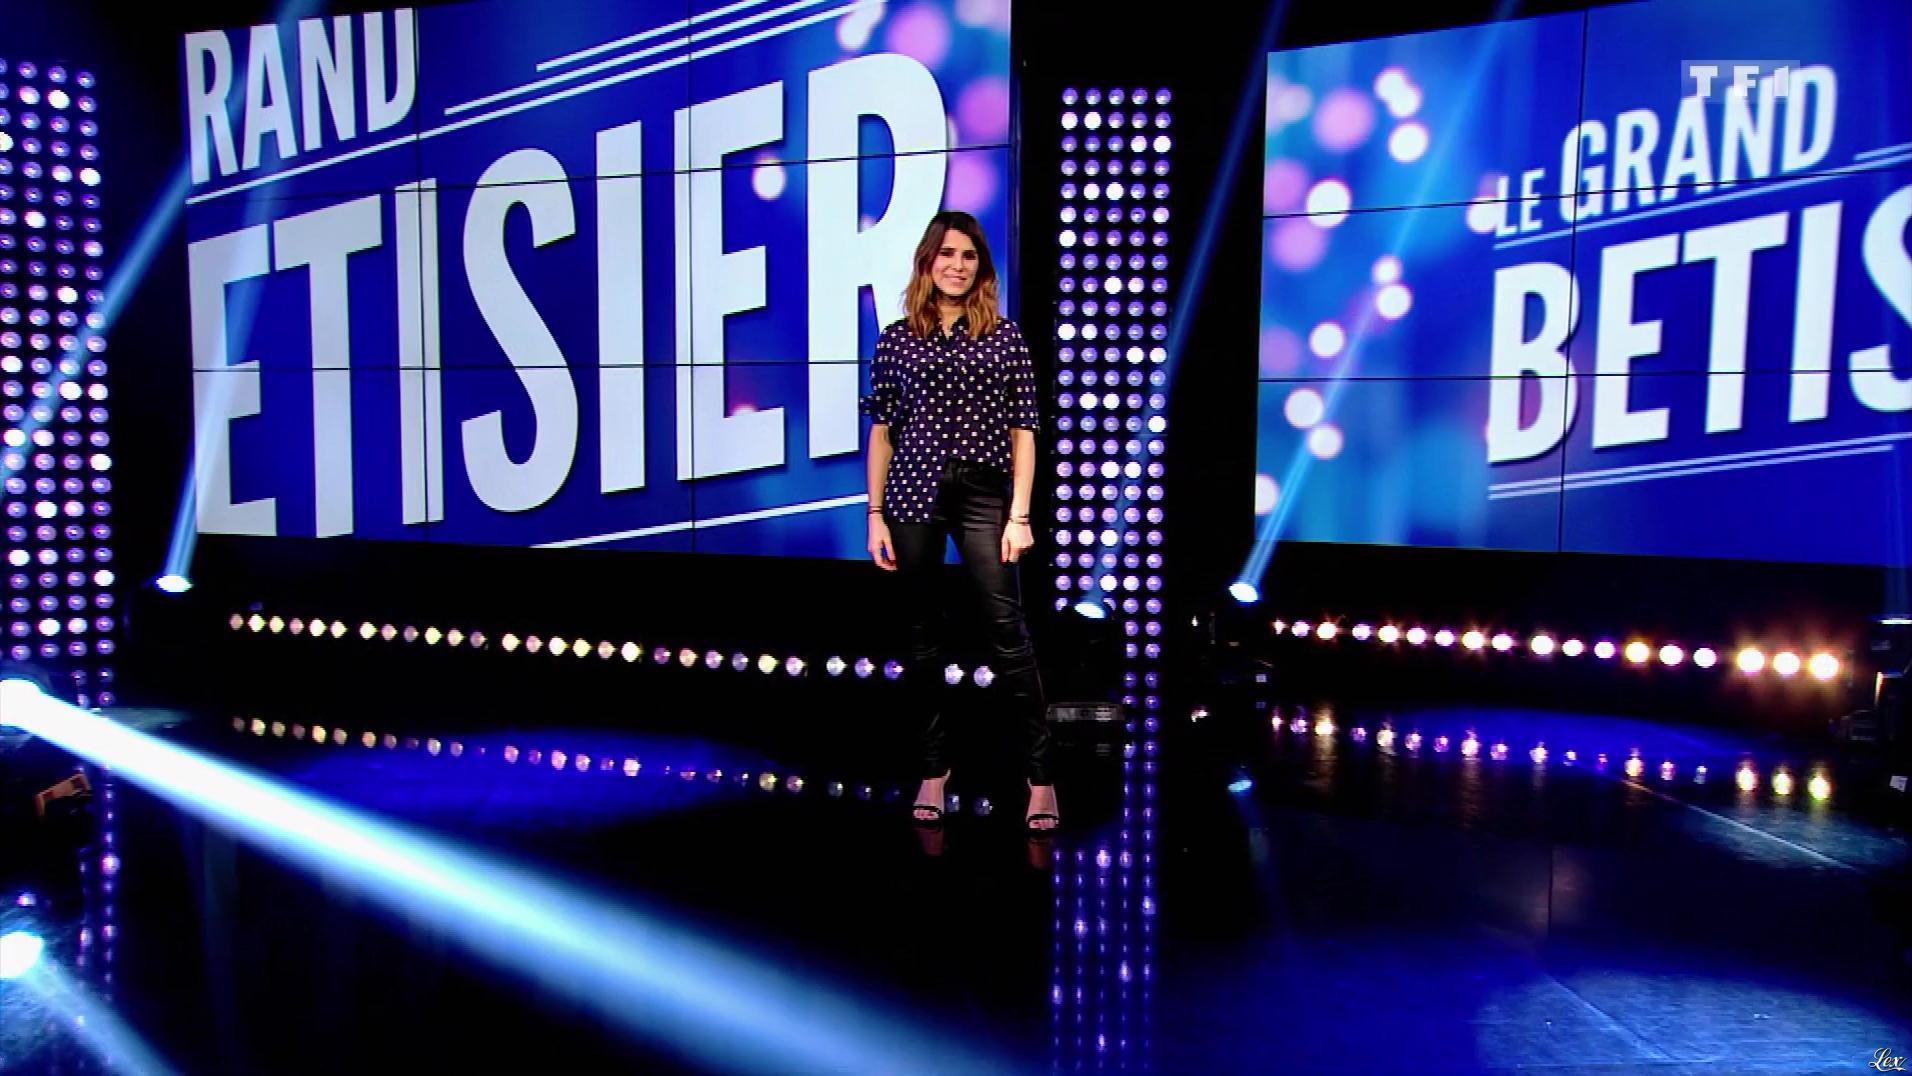 Karine Ferri dans le Grand Bêtisier. Diffusé à la télévision le 04/05/18.